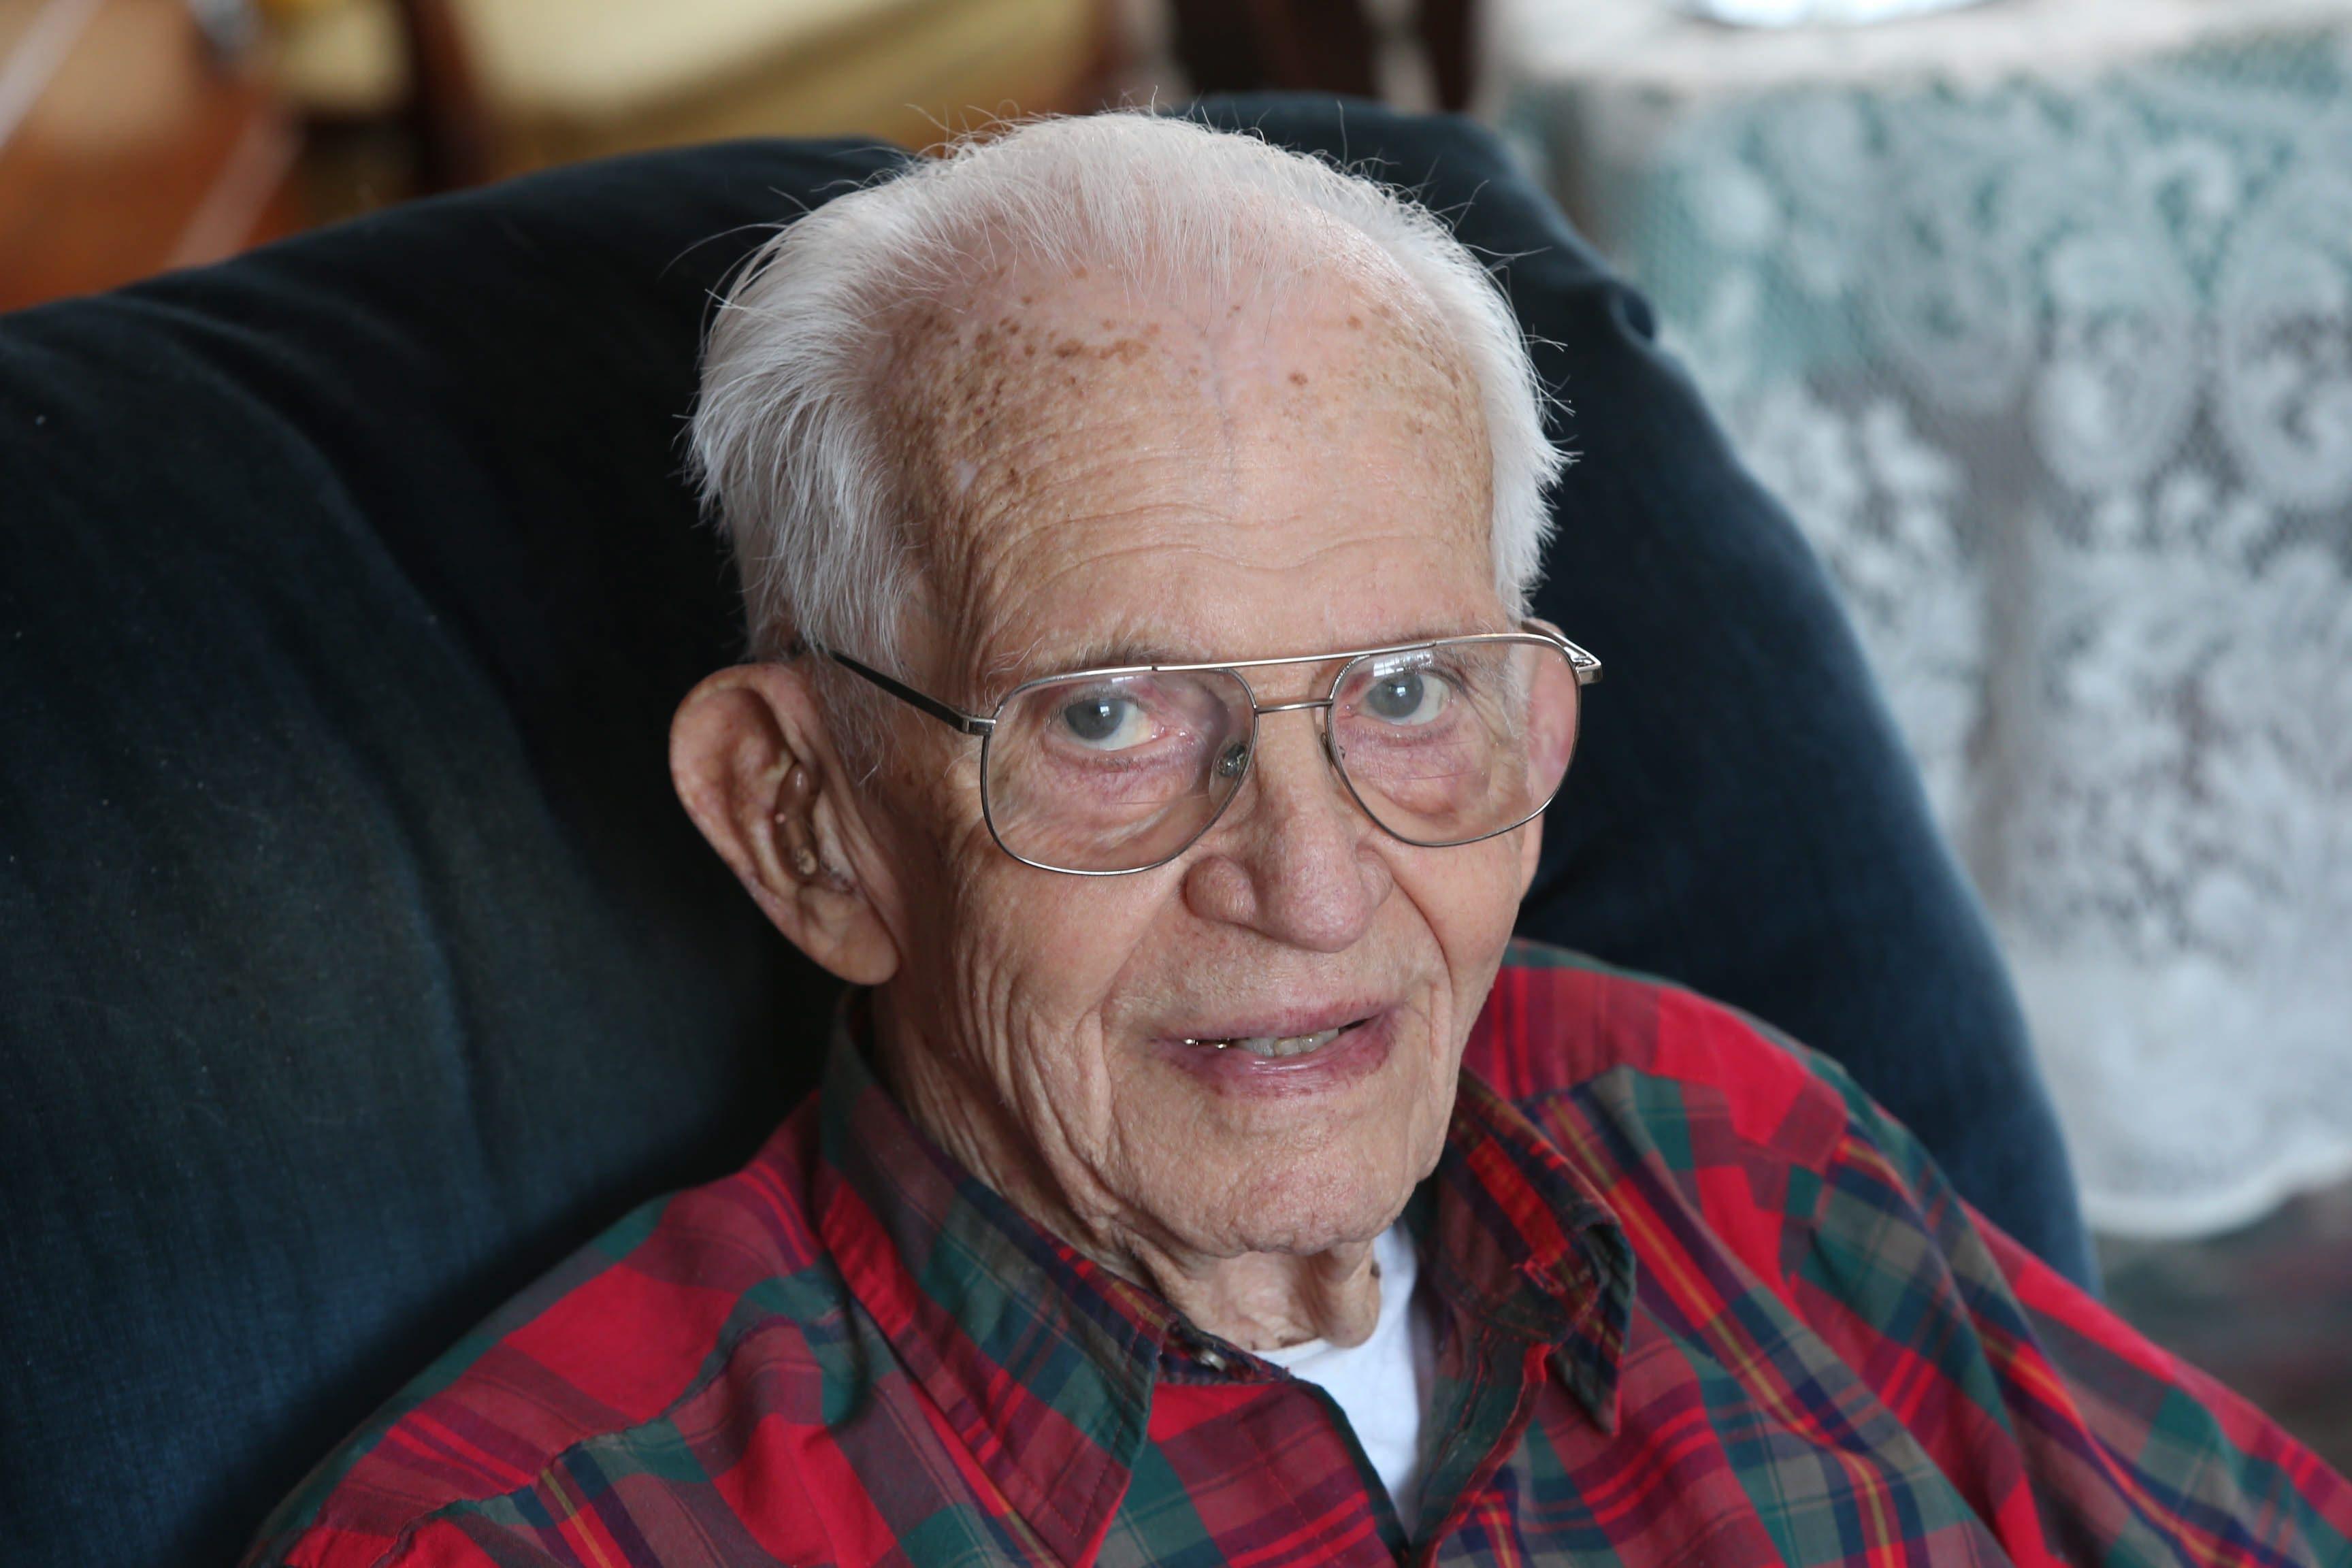 Before going to war, John Ellerton read Bible to better understand Sixth Commandment.